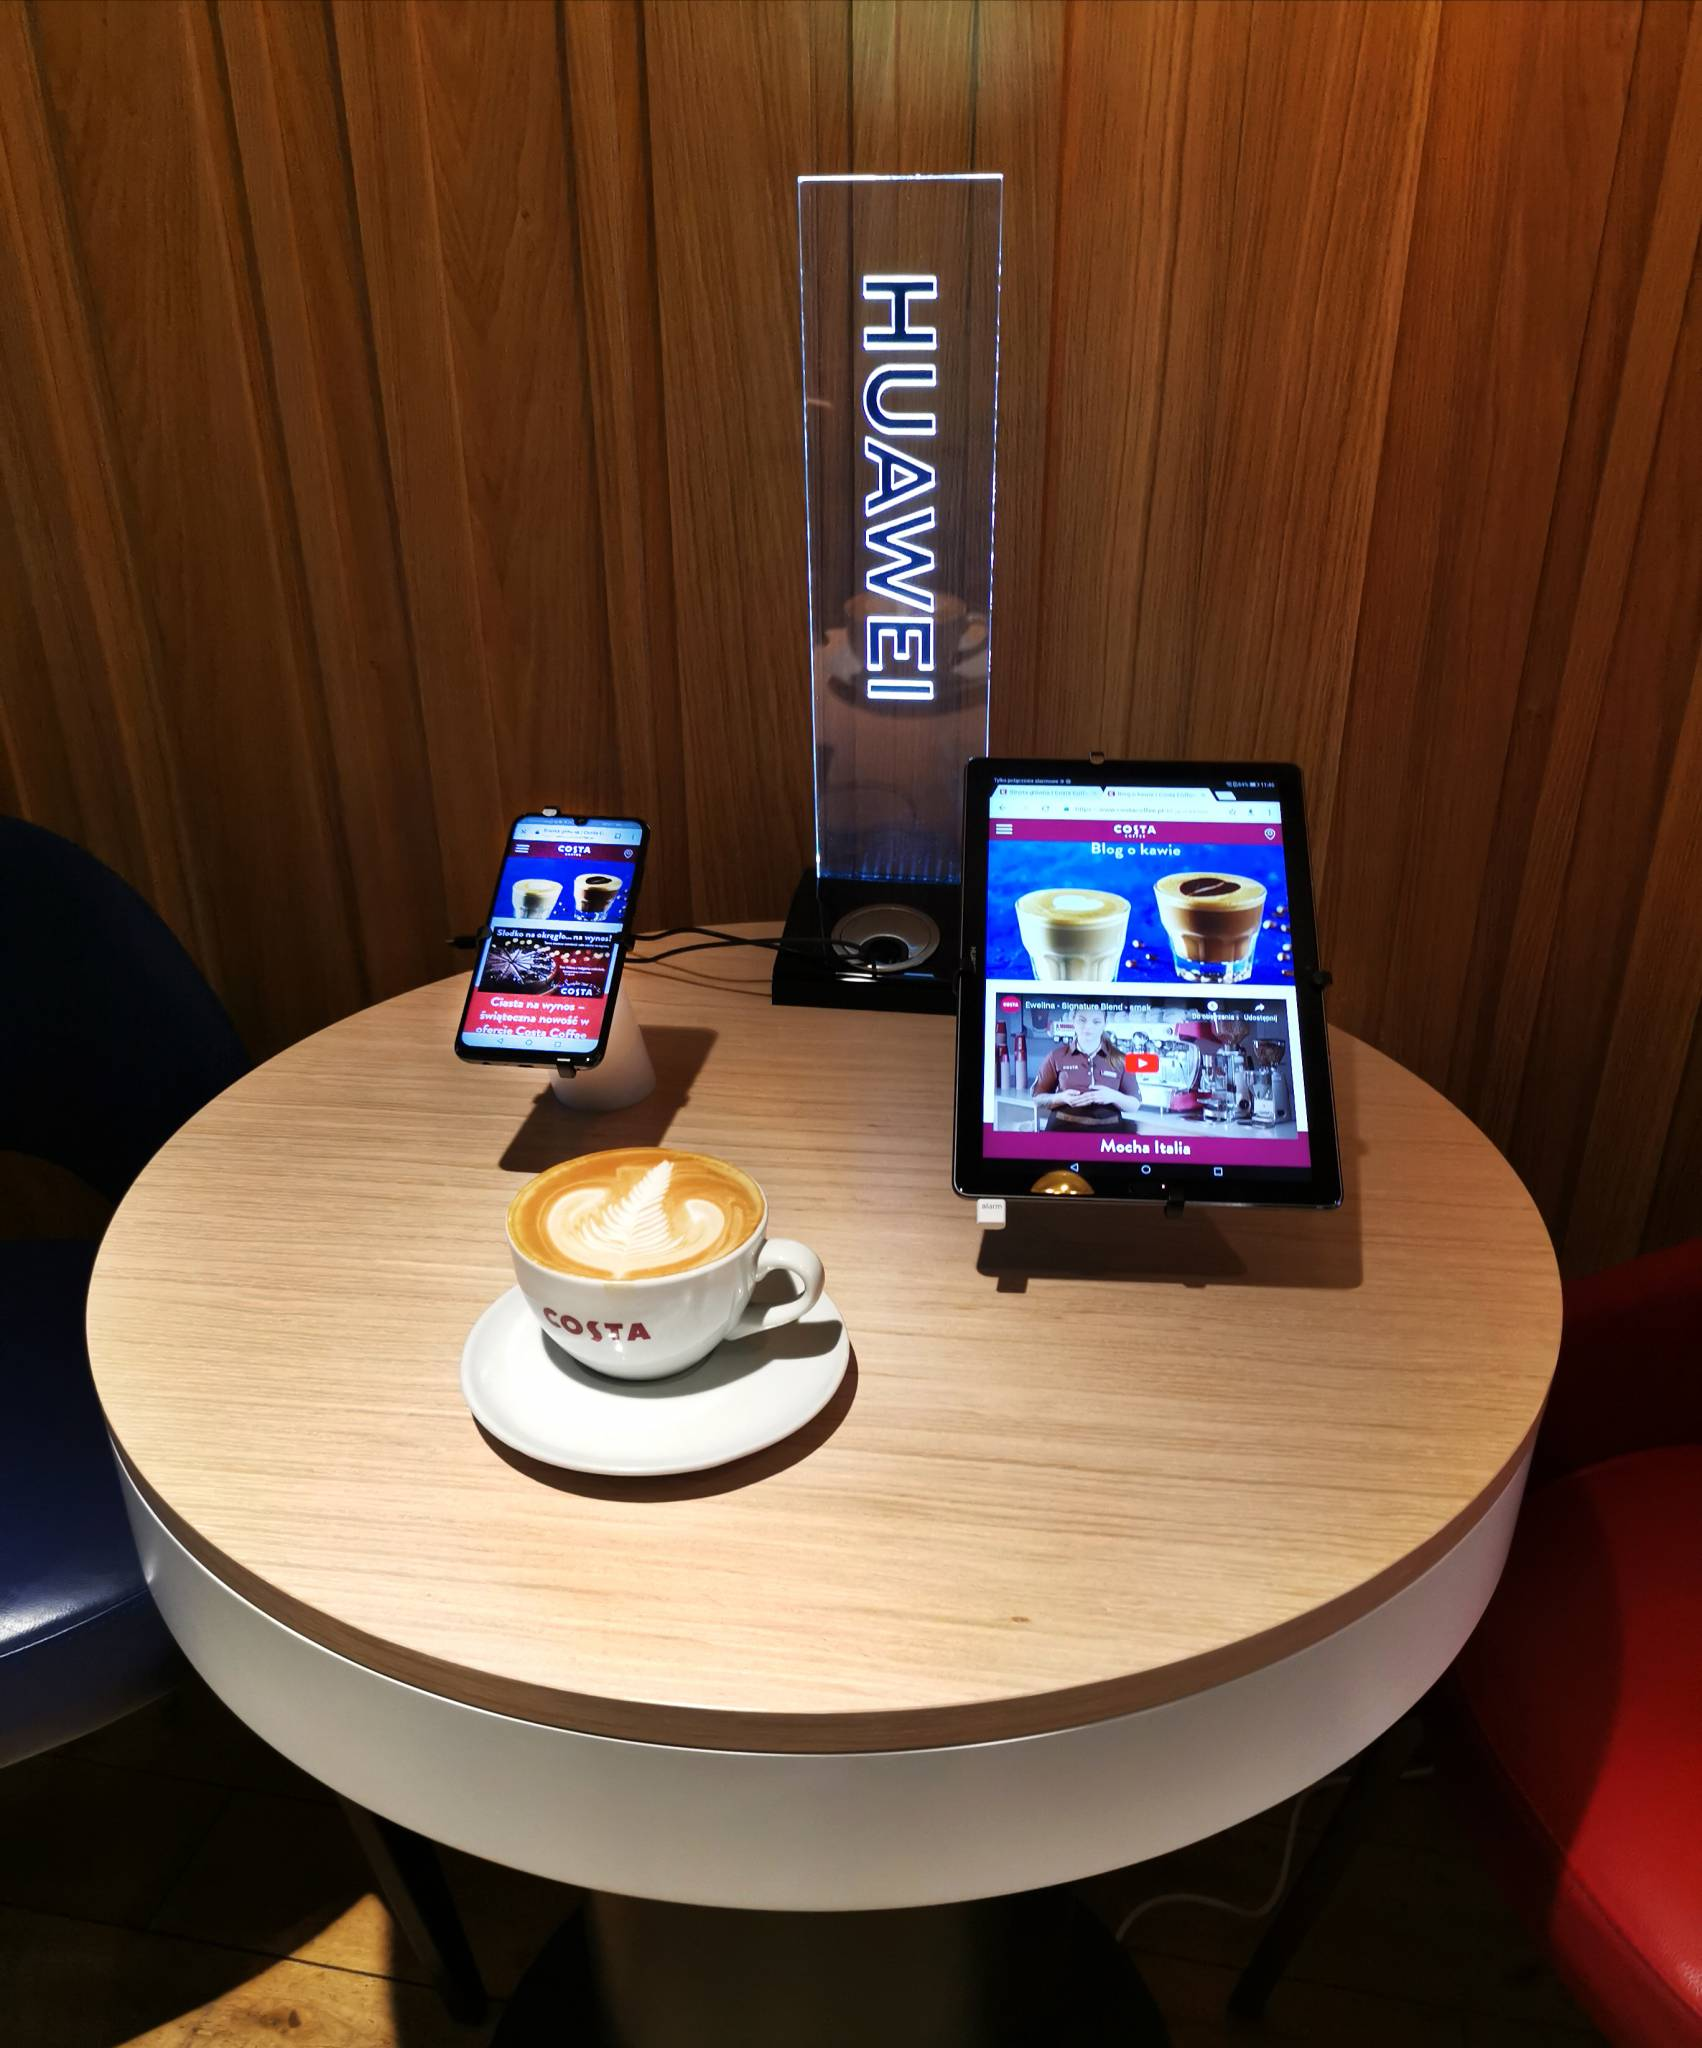 Innowacyjne smartfony w towarzystwie pysznej kawy: Huawei i Costa Coffee ogłaszają współpracę